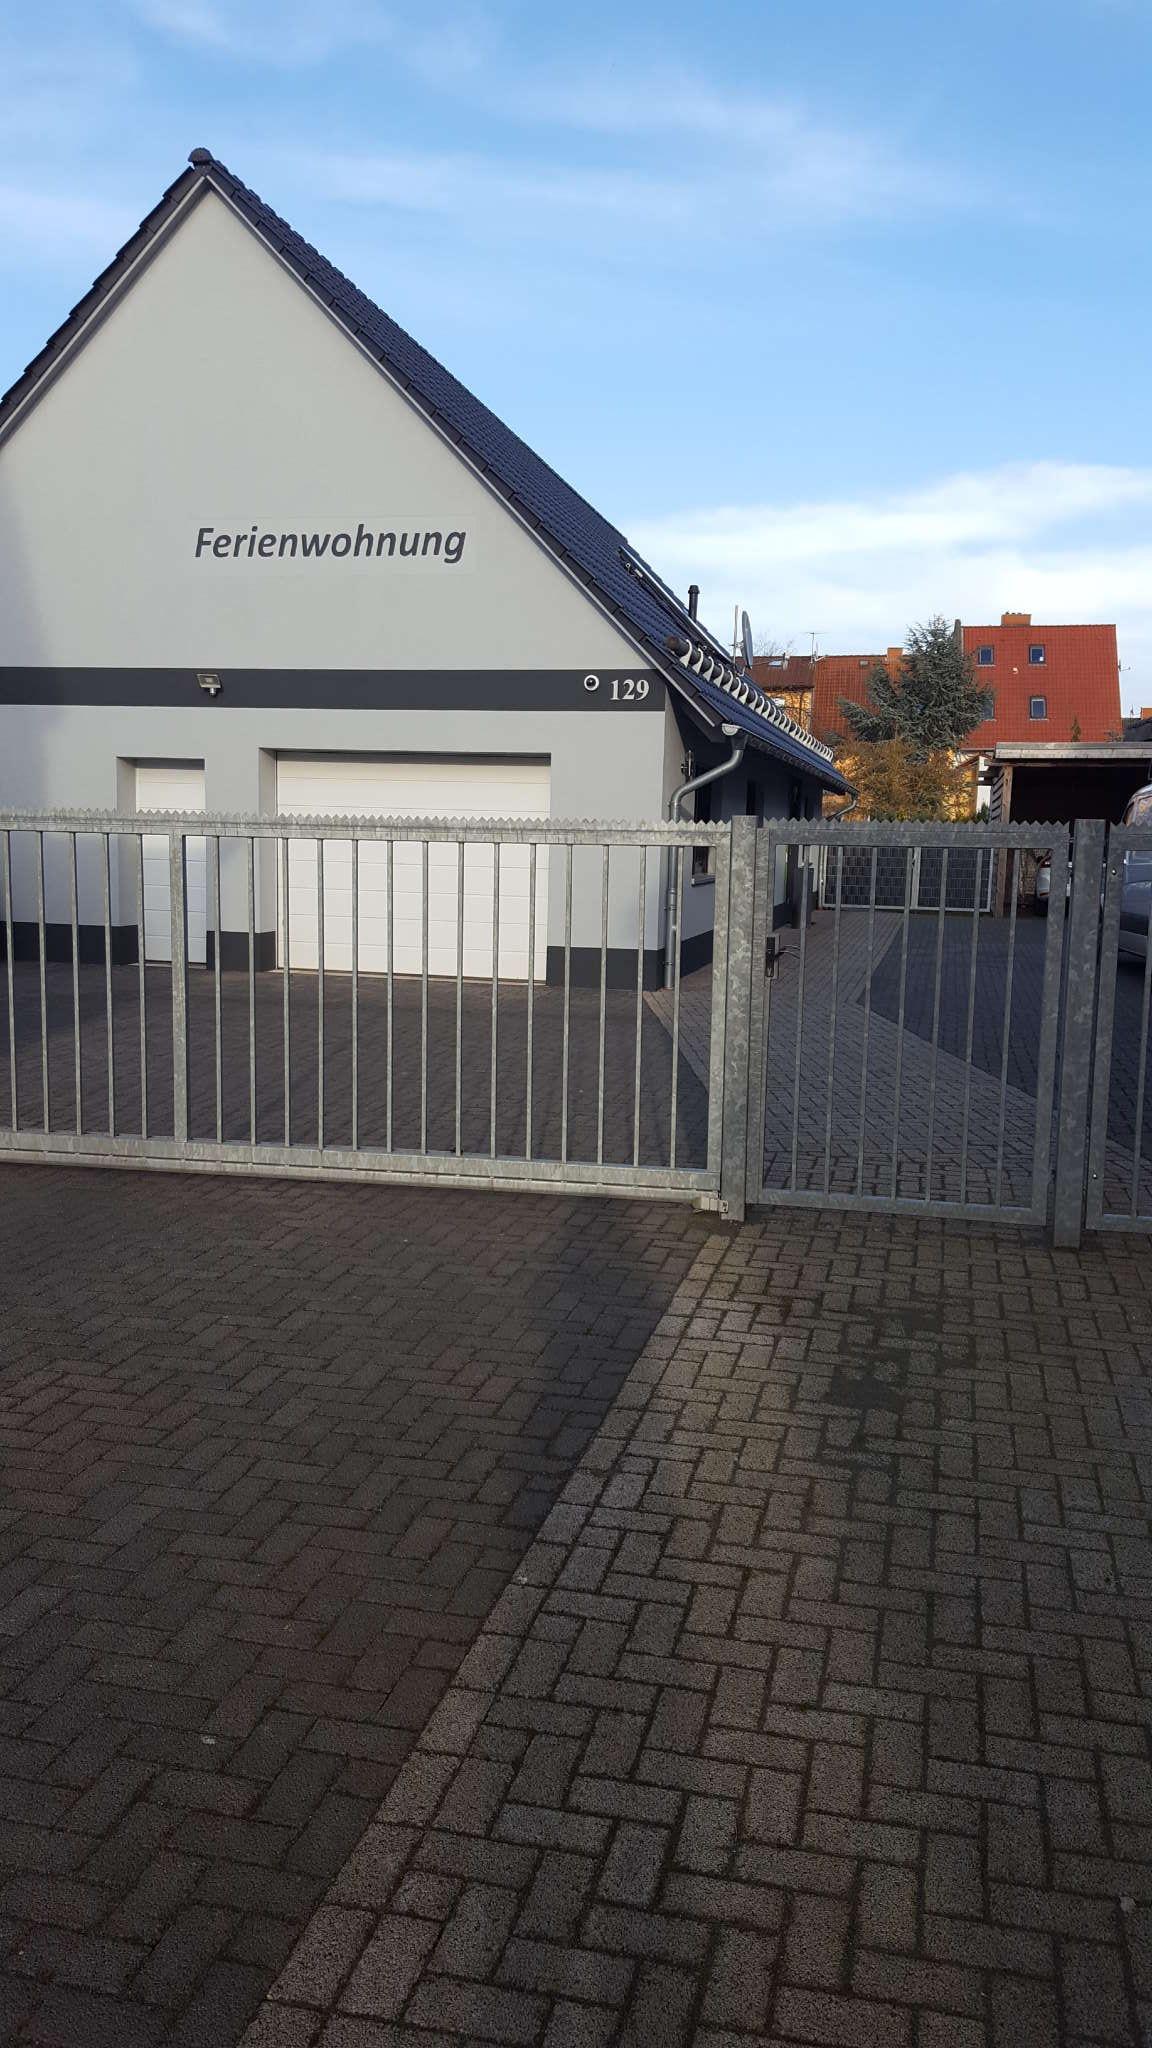 PKW-Stellplatz: abgeschlossenes Gelände